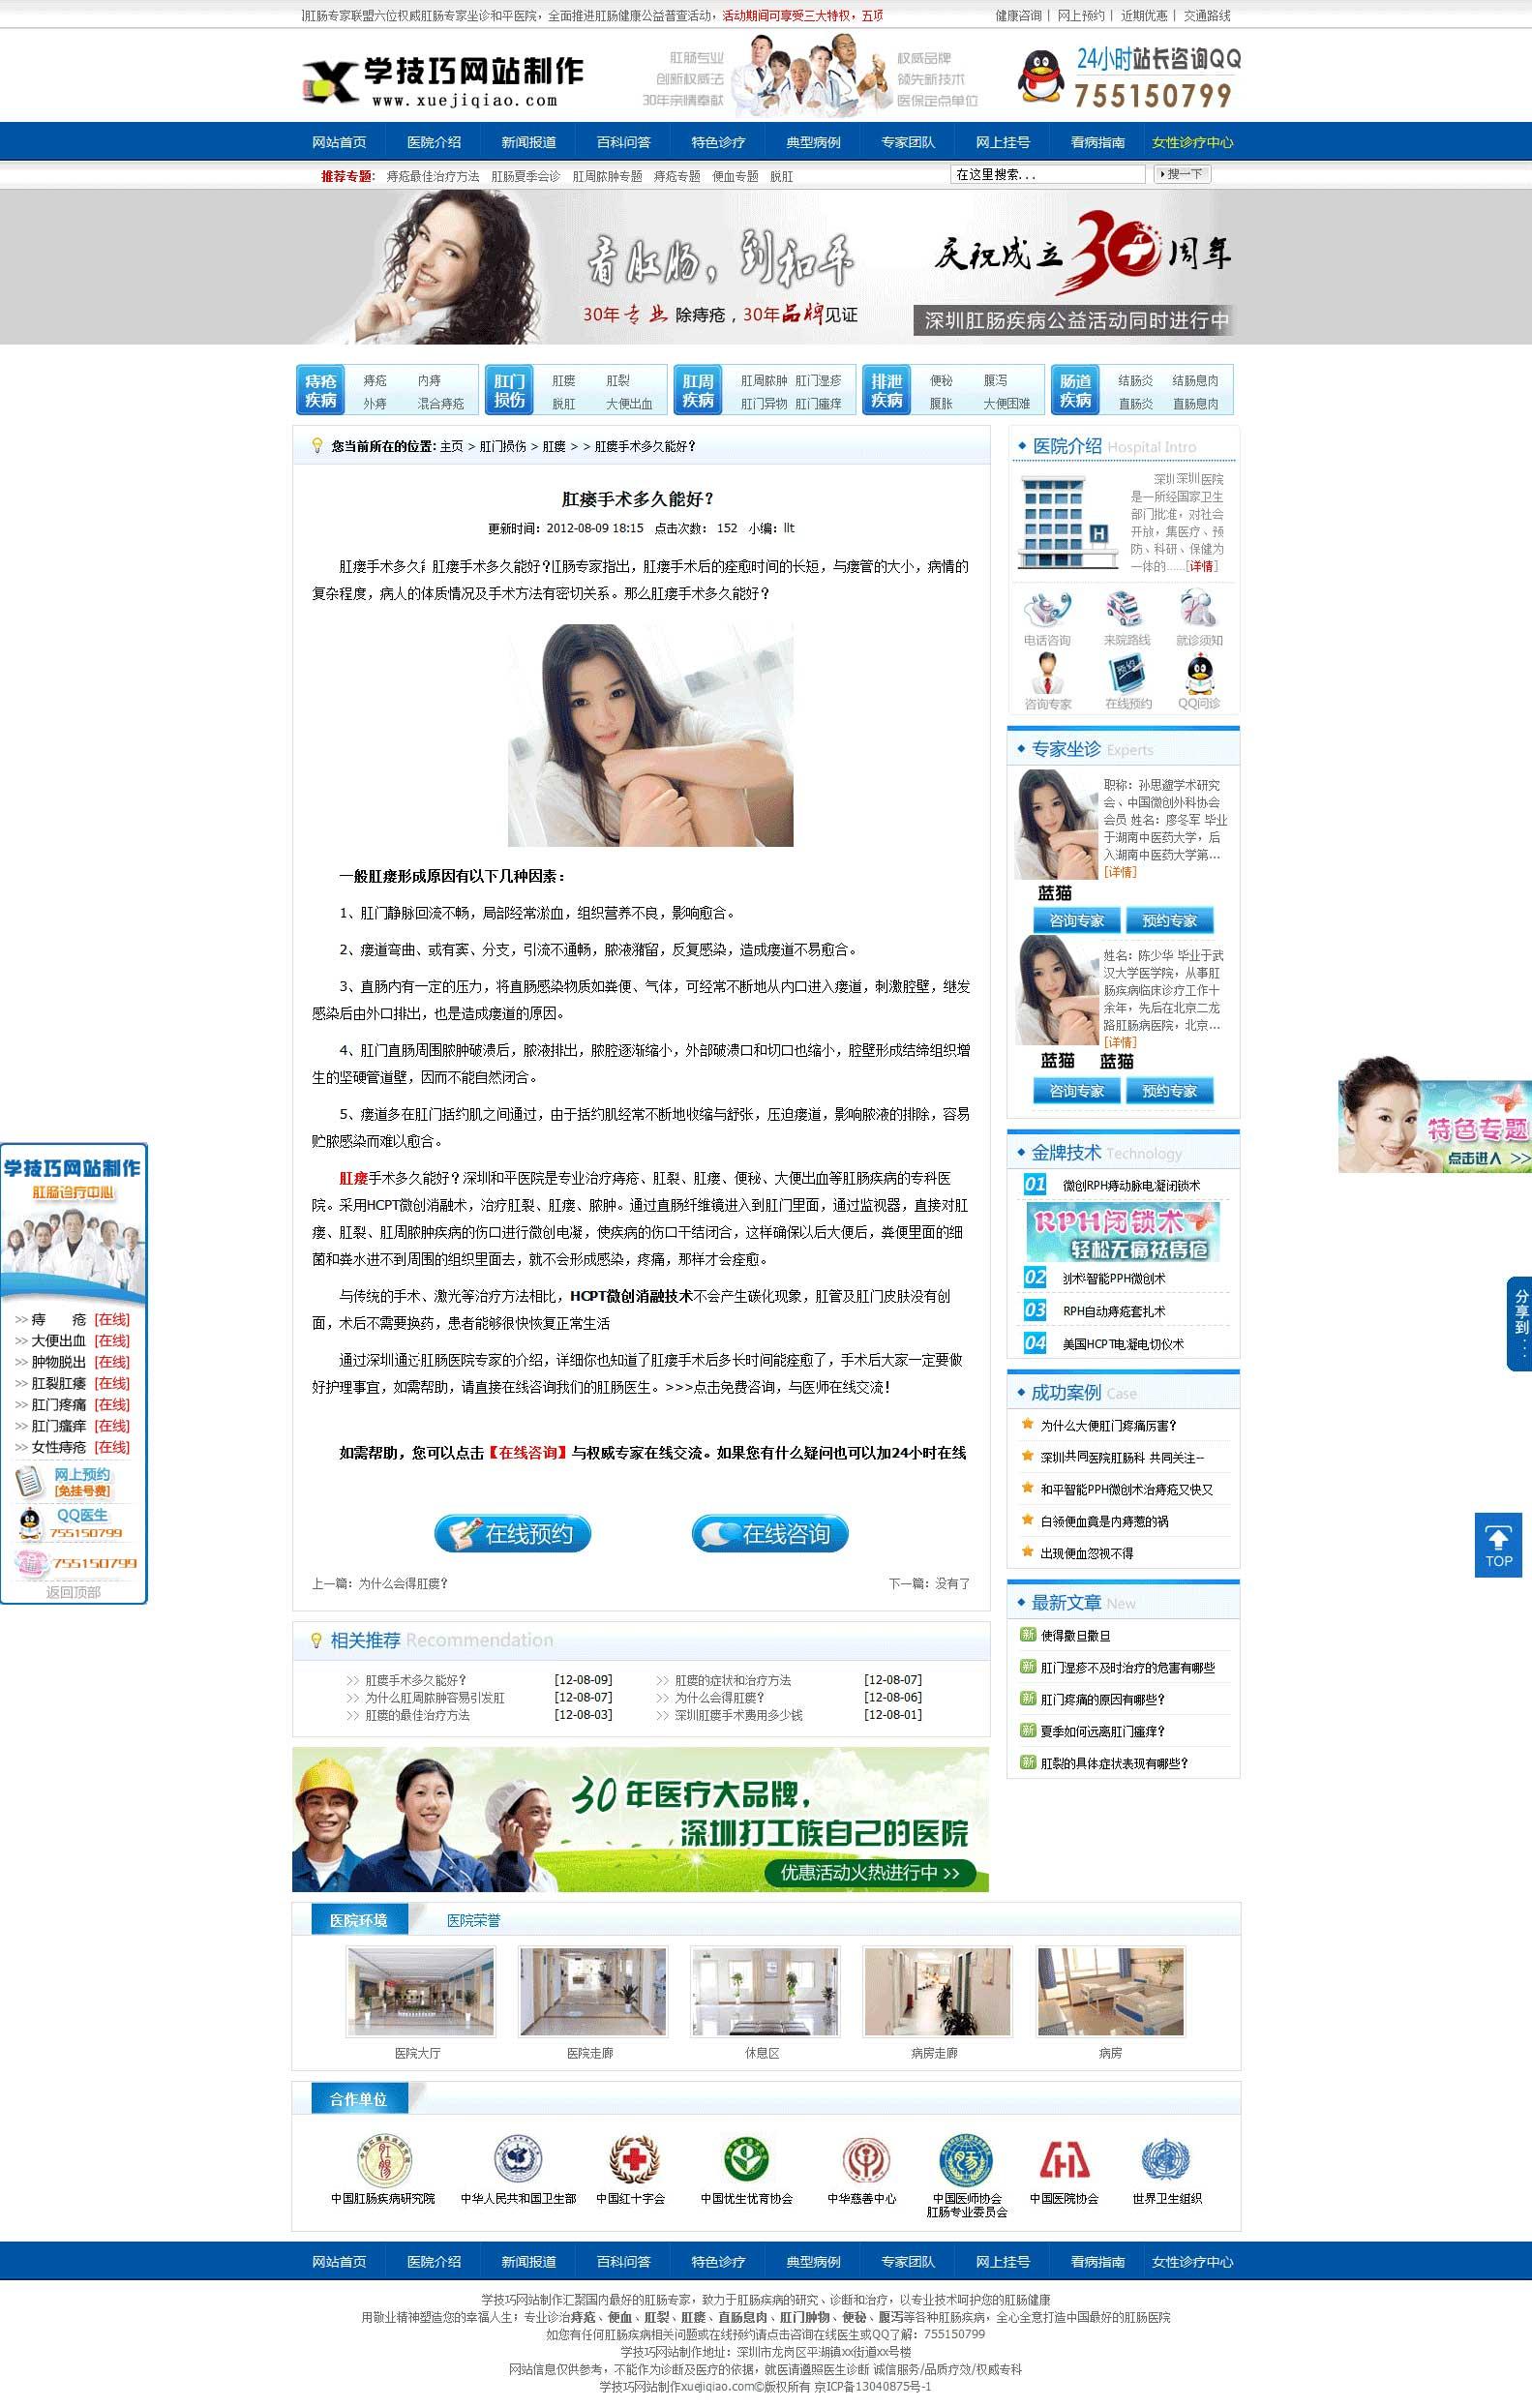 肛肠医院蓝色大气织梦网站模板